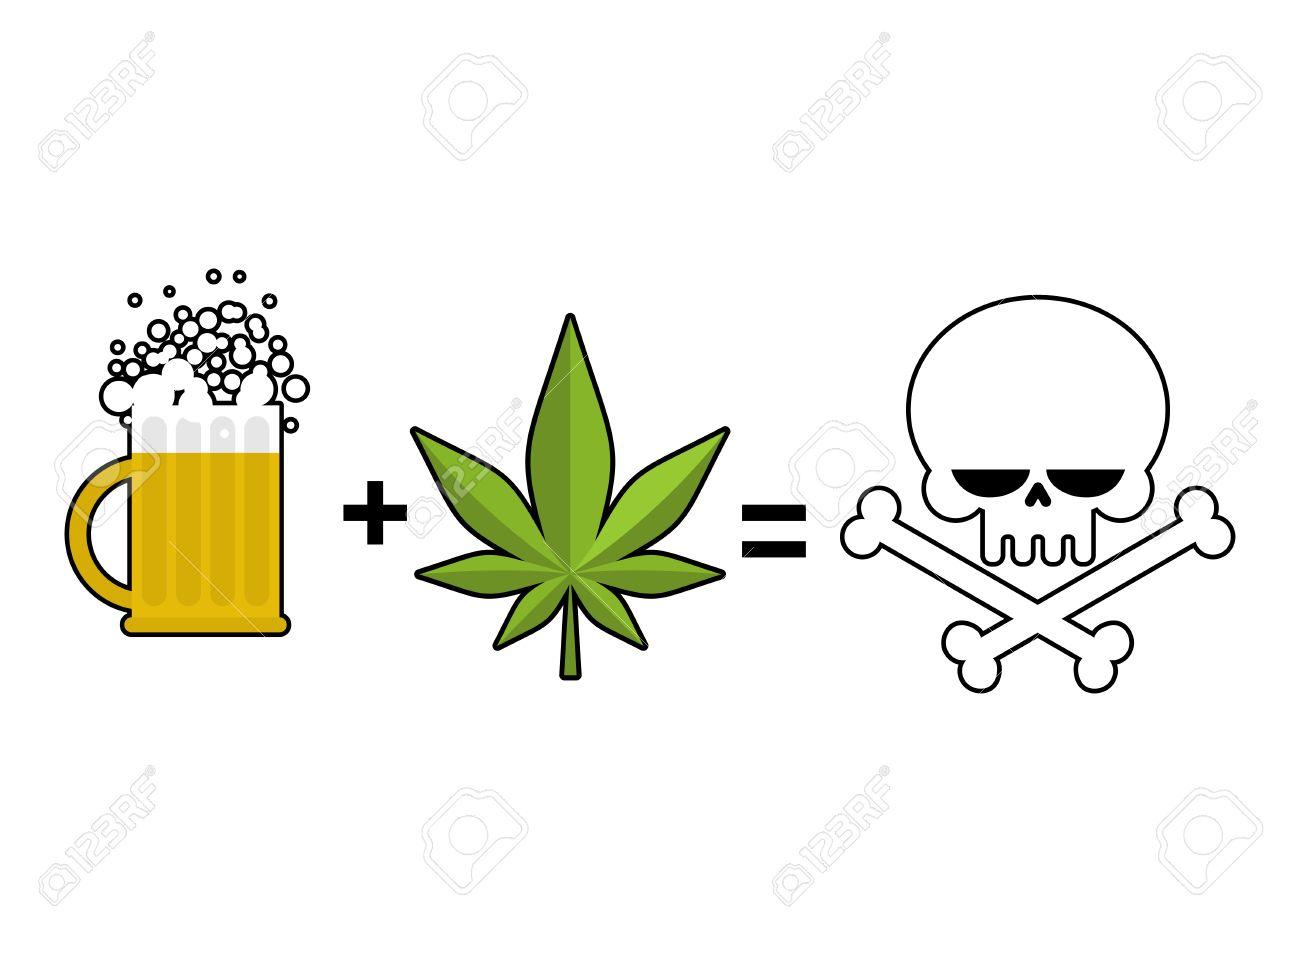 Alkohol Und Drogen Ist Der Tod. Becher Bier Und Marihuana-Blatt Ist ...